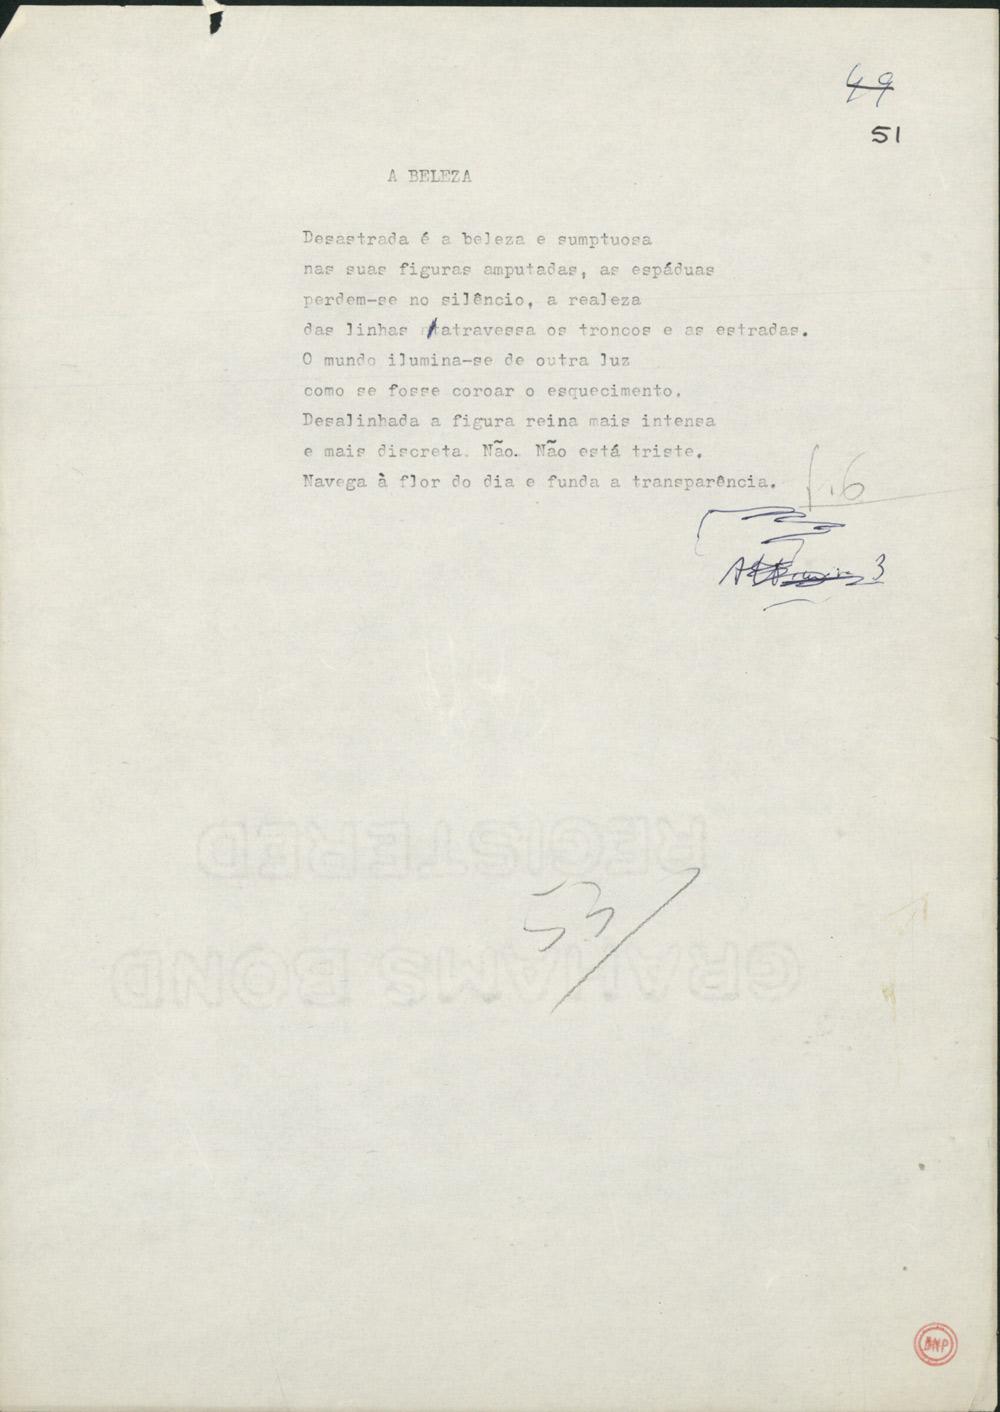 Dactiloscrito de outro poema do livro Facilidade do Ar (1990), este apenas com a correcção manuscrita de uma gralha.